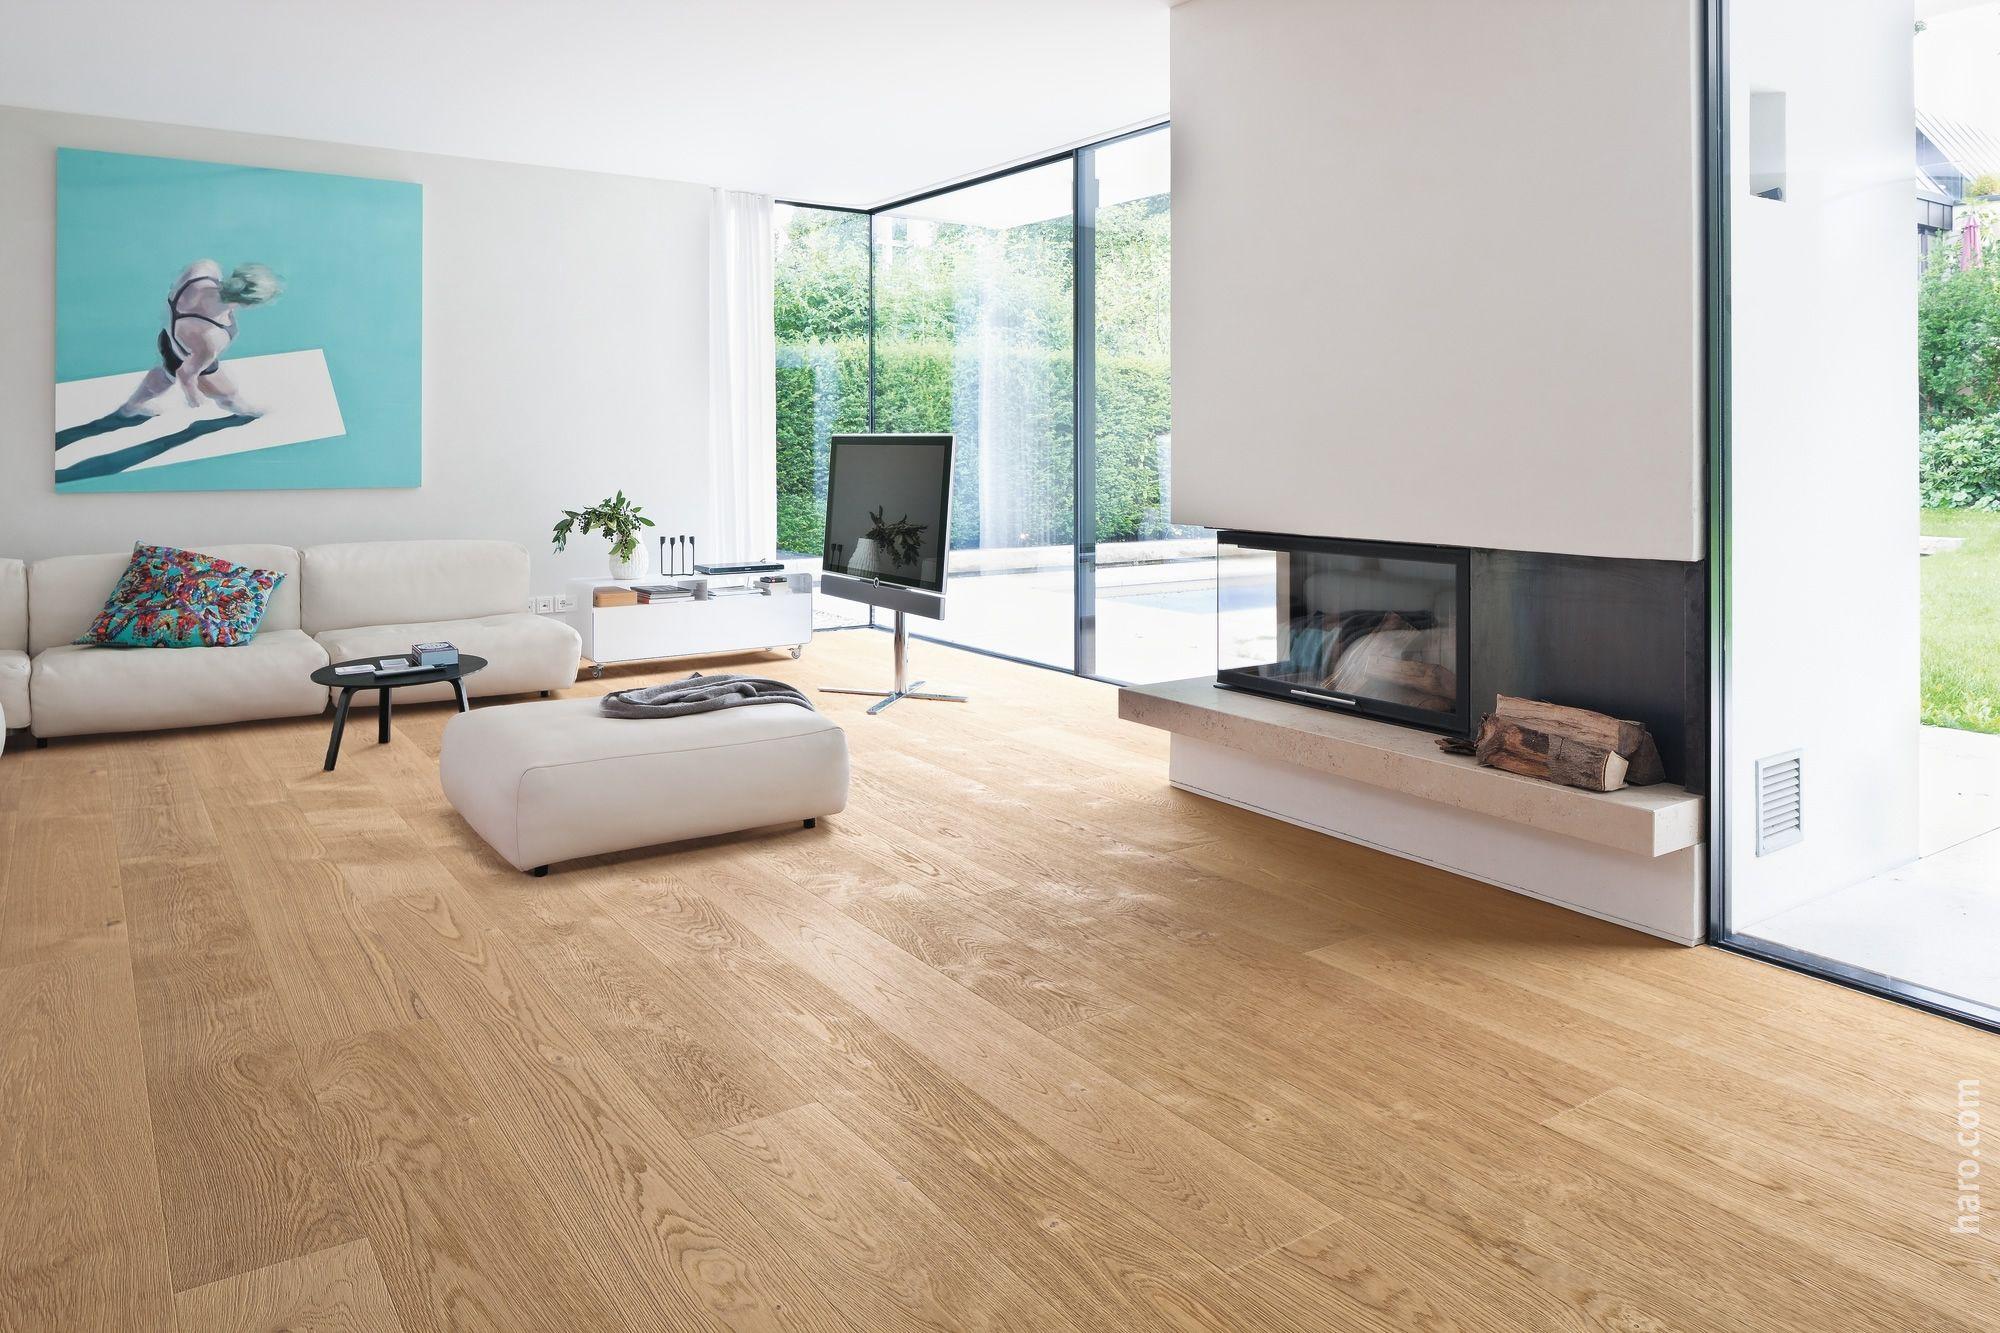 Holzfliesen Wohnzimmer ~ Bodenfliesen in holzoptik wohnzimmer iris kamin minimalistisch